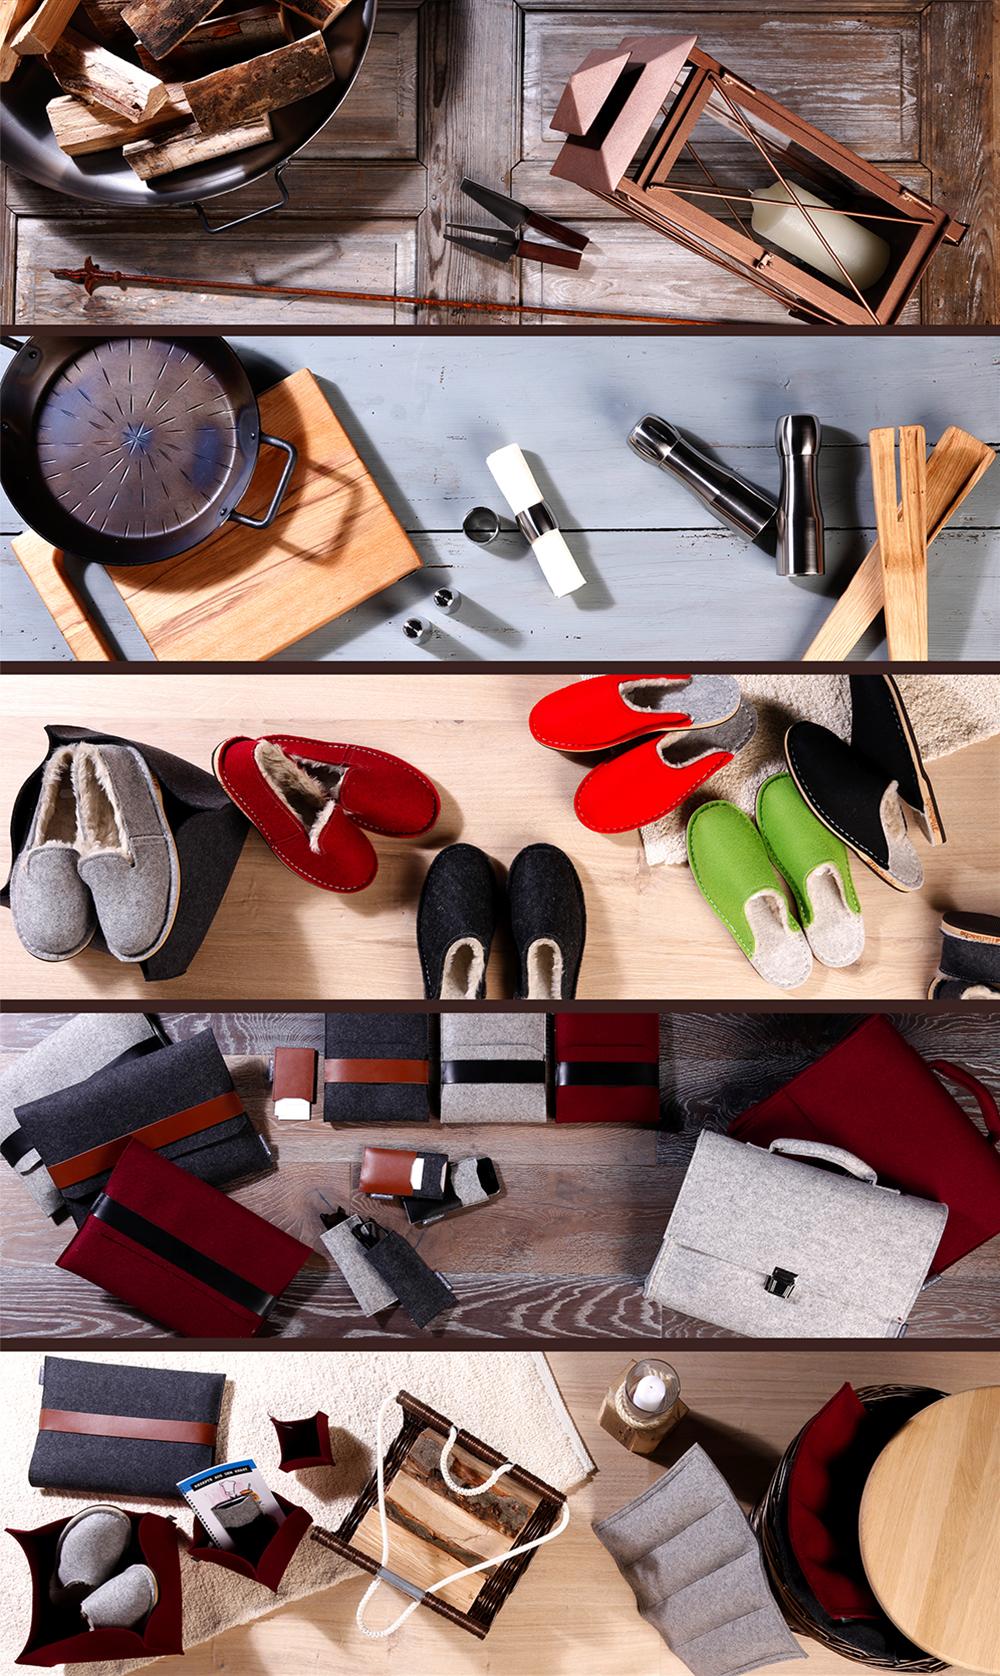 Riegg_und_Partner_Fotostudio_Produktfotografie_Haftsache